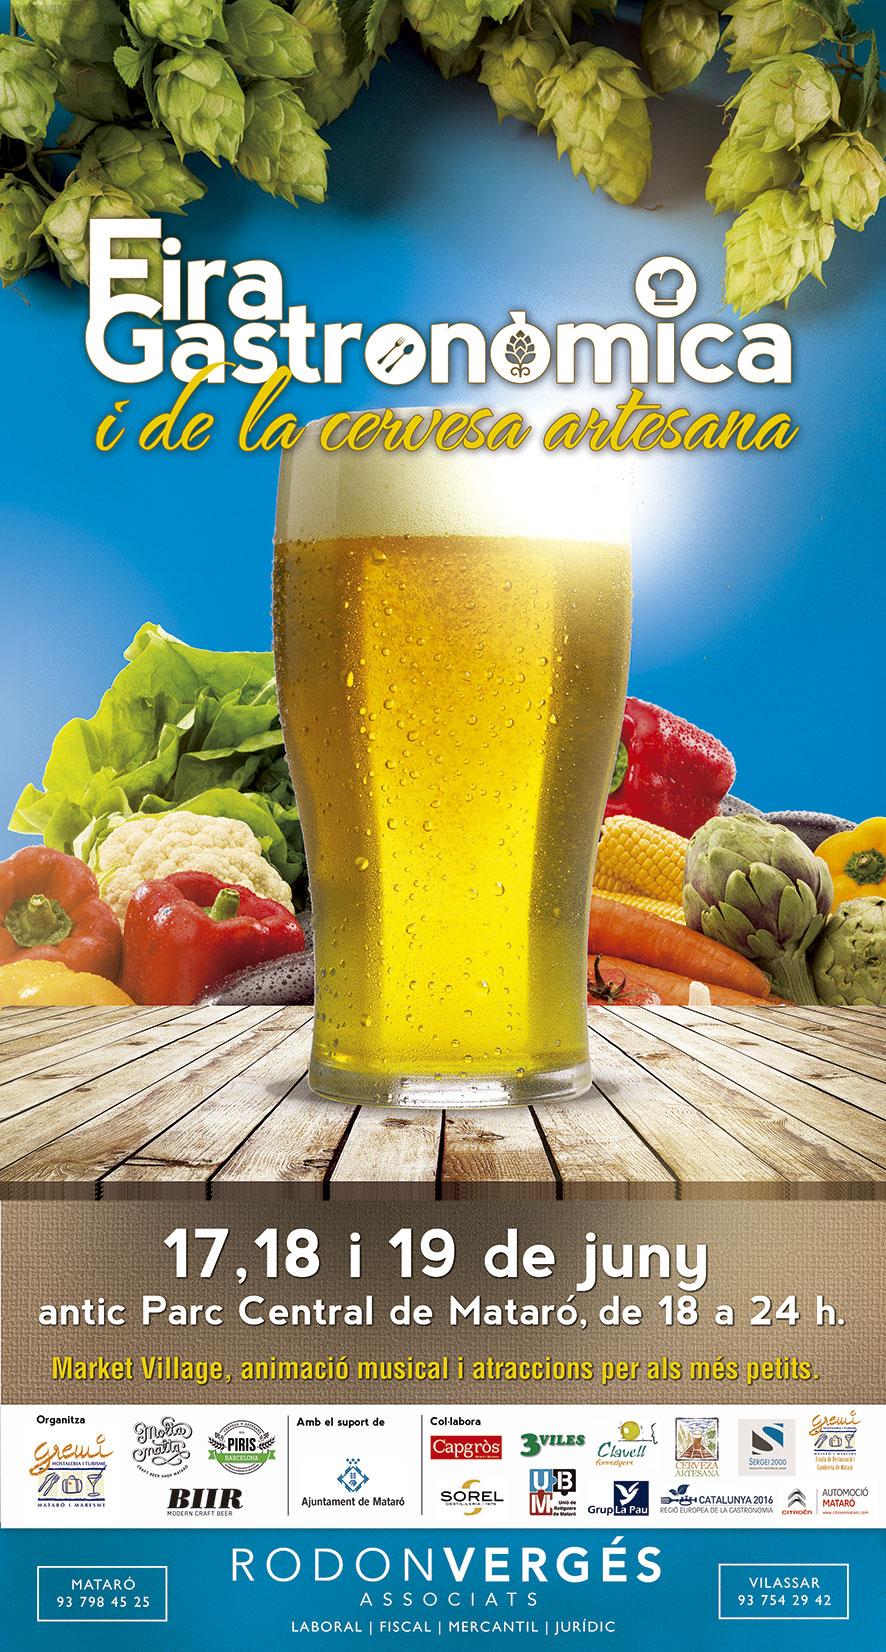 Market Village A La II Fira Gastronòmica I De La Cervesa Artesana